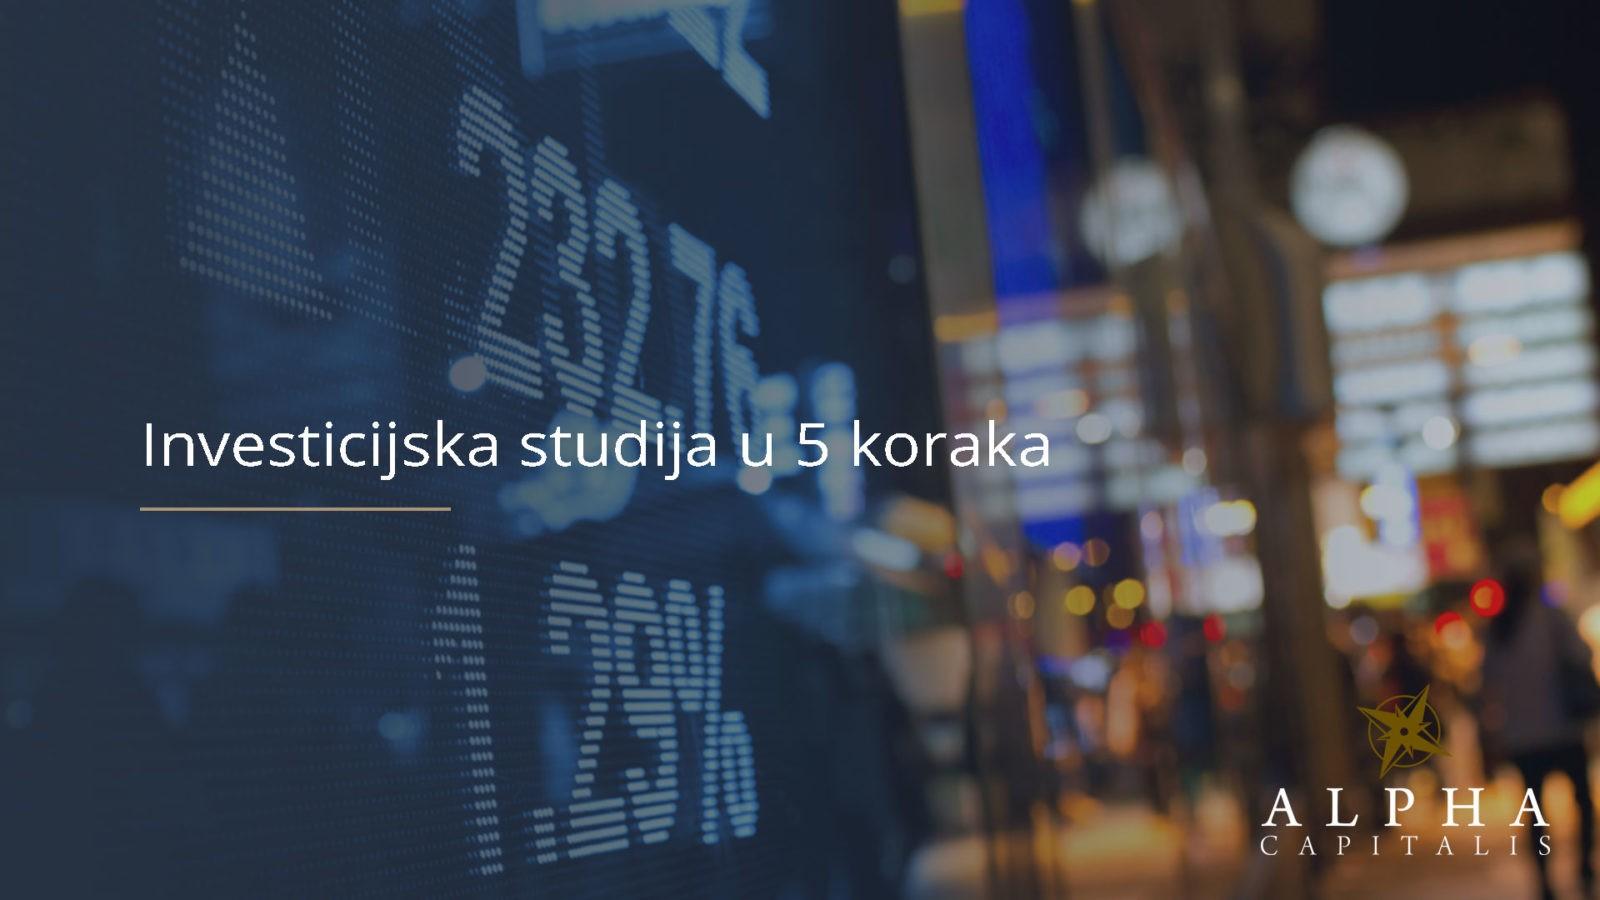 investicijska studija